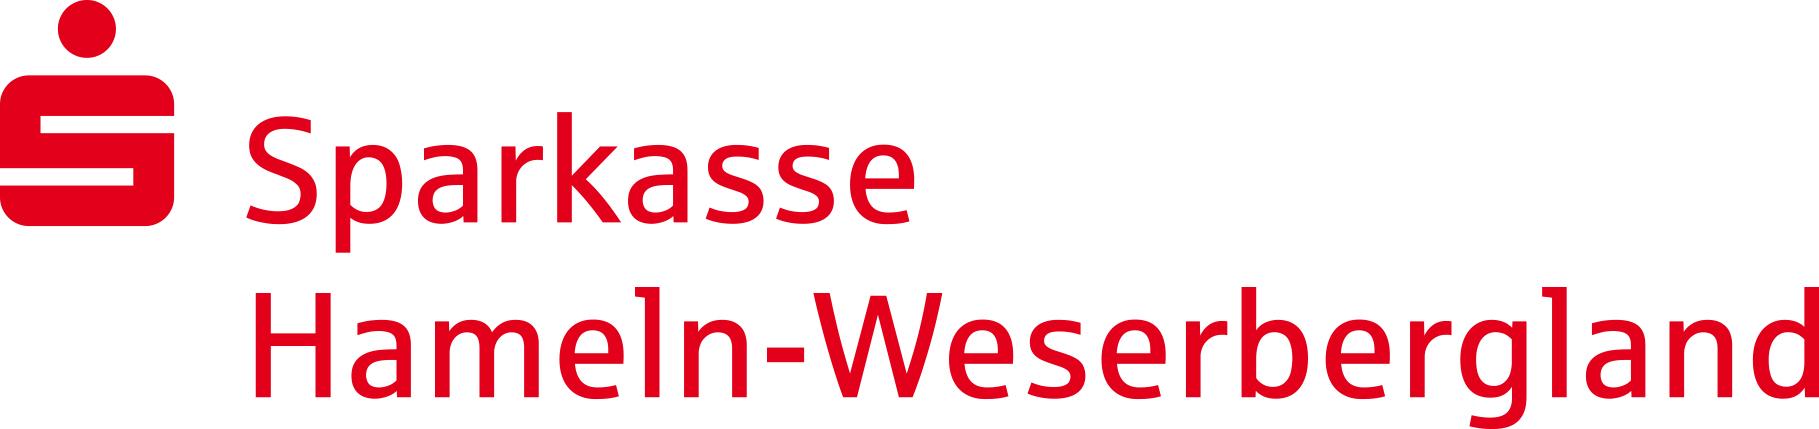 Logo Sparkasse Hameln-Weserbergland